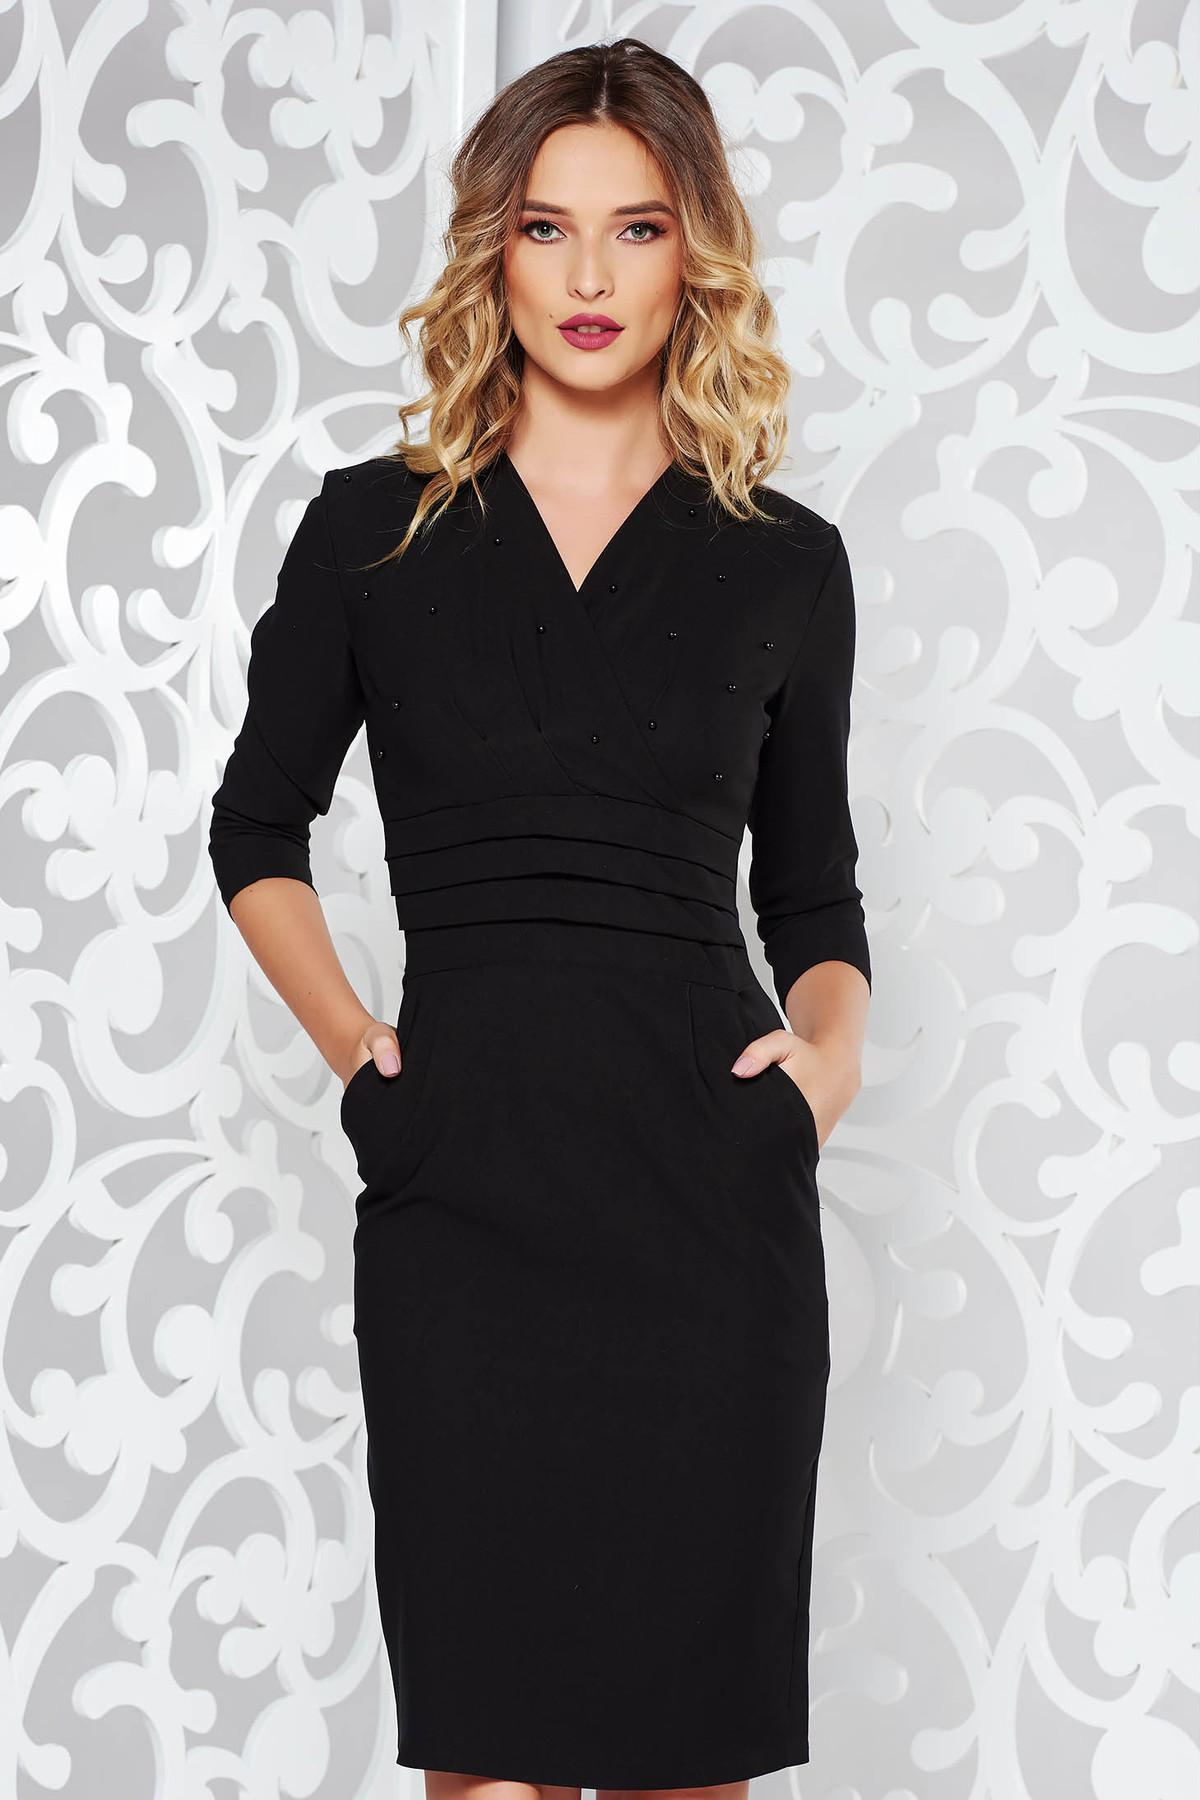 Rochie neagra eleganta tip creion din bumbac usor elastic cu aplicatii cu margele si decolteu in v